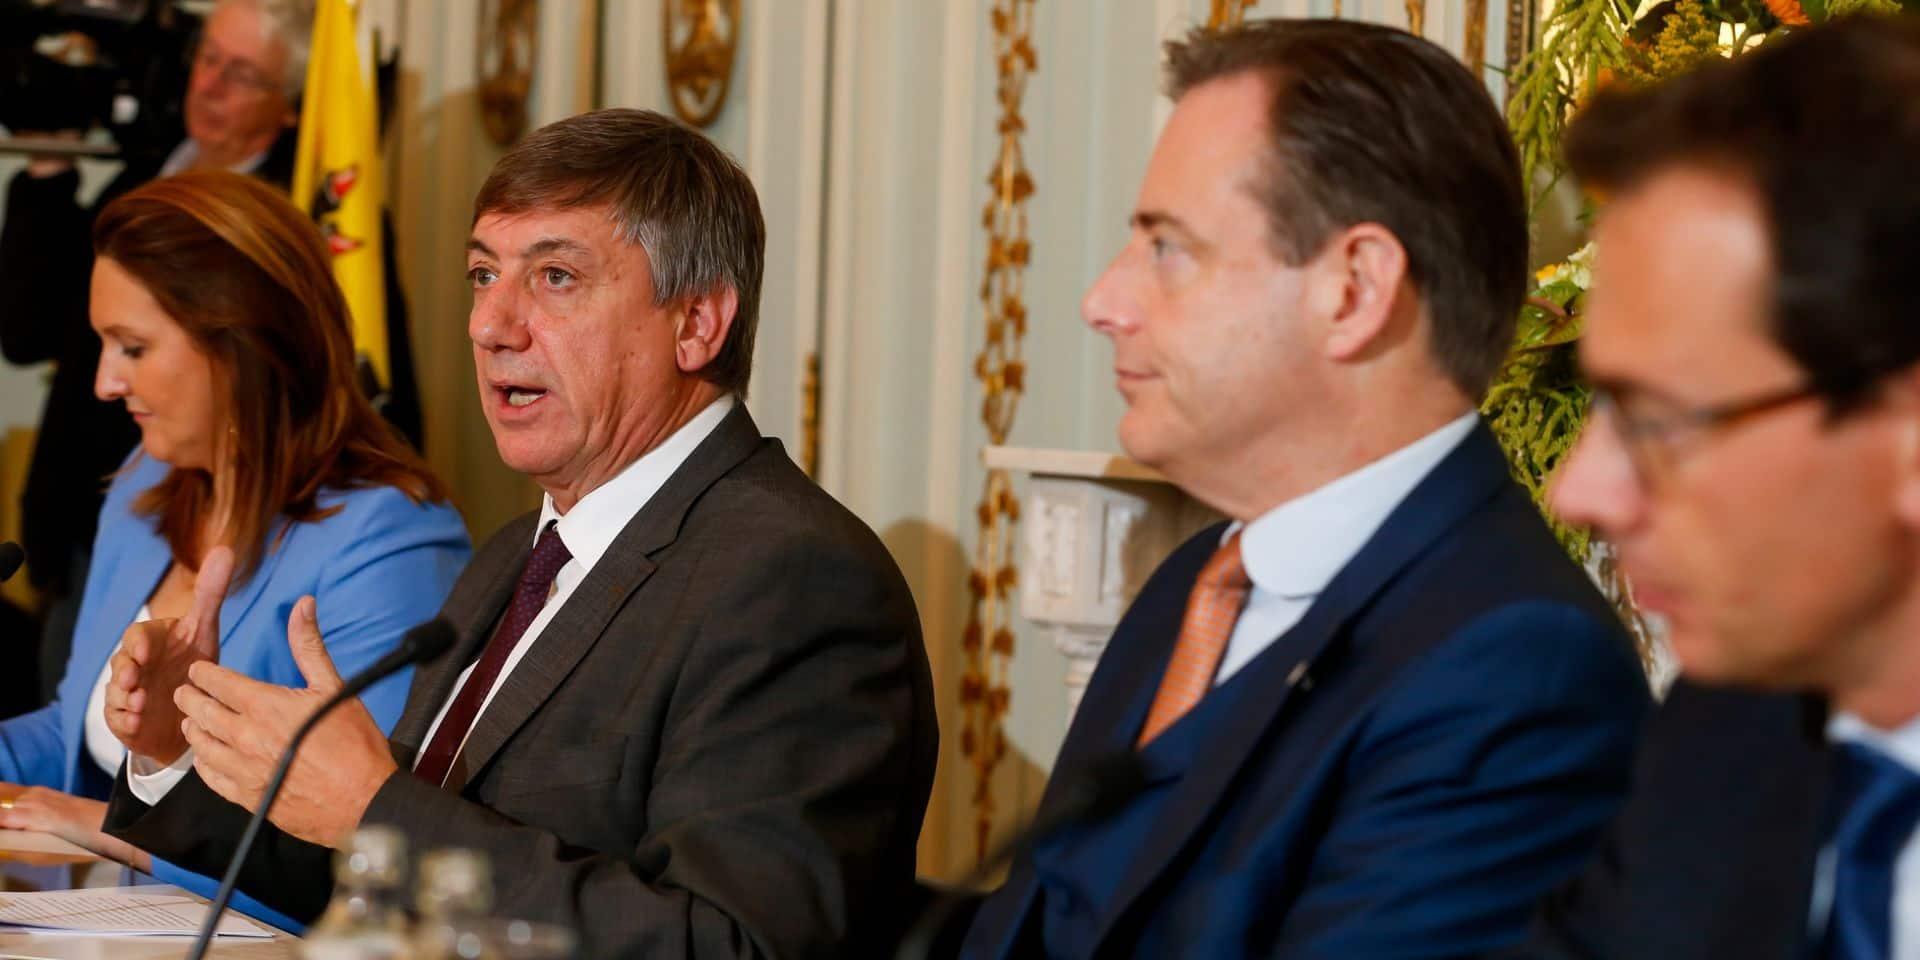 Des poids lourds au casting du nouveau gouvernement flamand